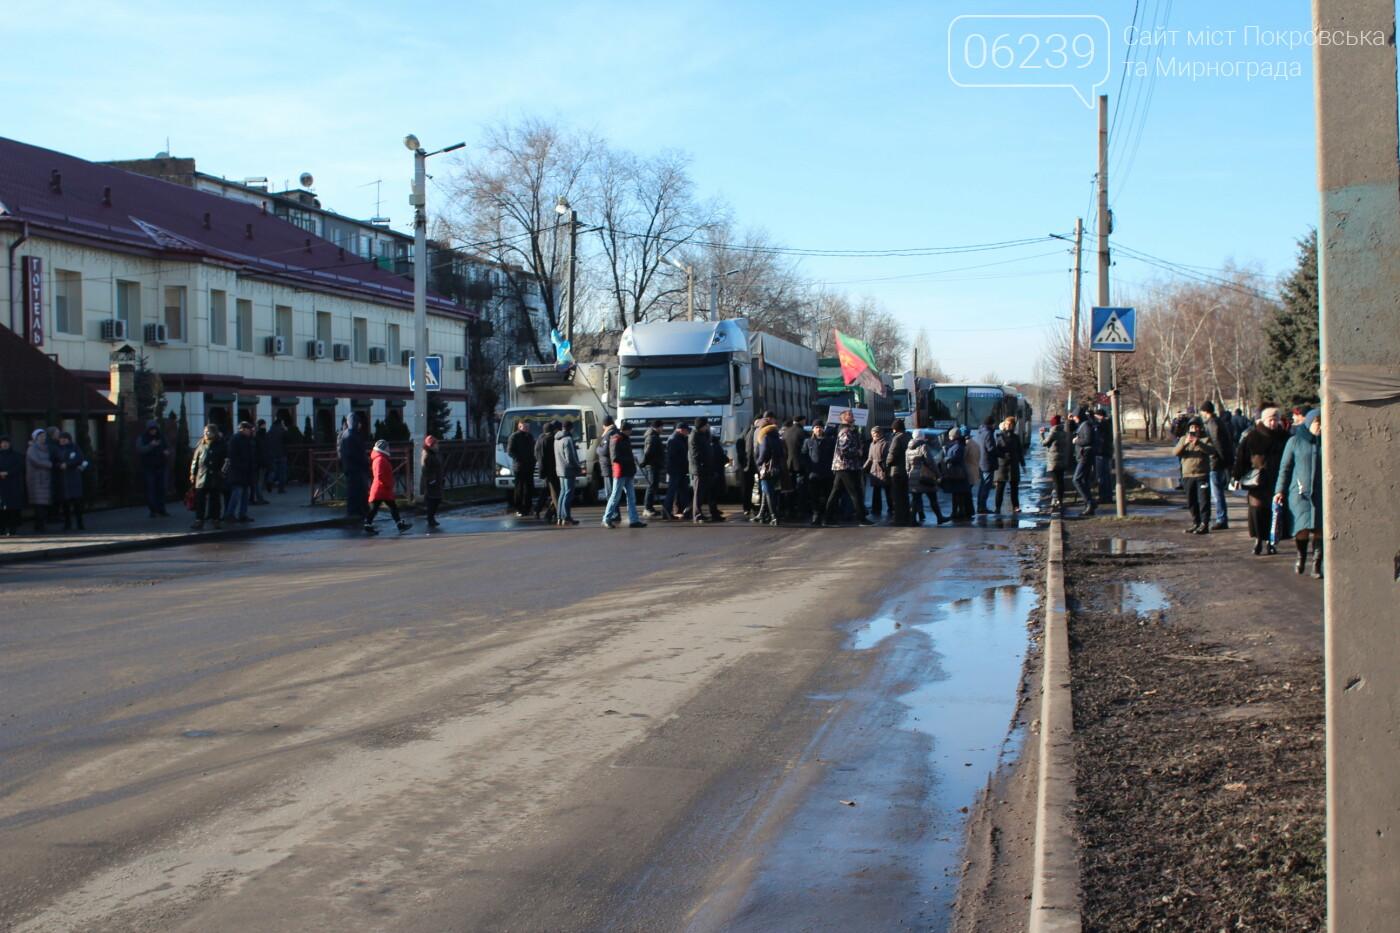 В Мирнограде горняки снова вышли на акцию протеста, на этот раз перекрыли 2 главные улицы города , фото-2